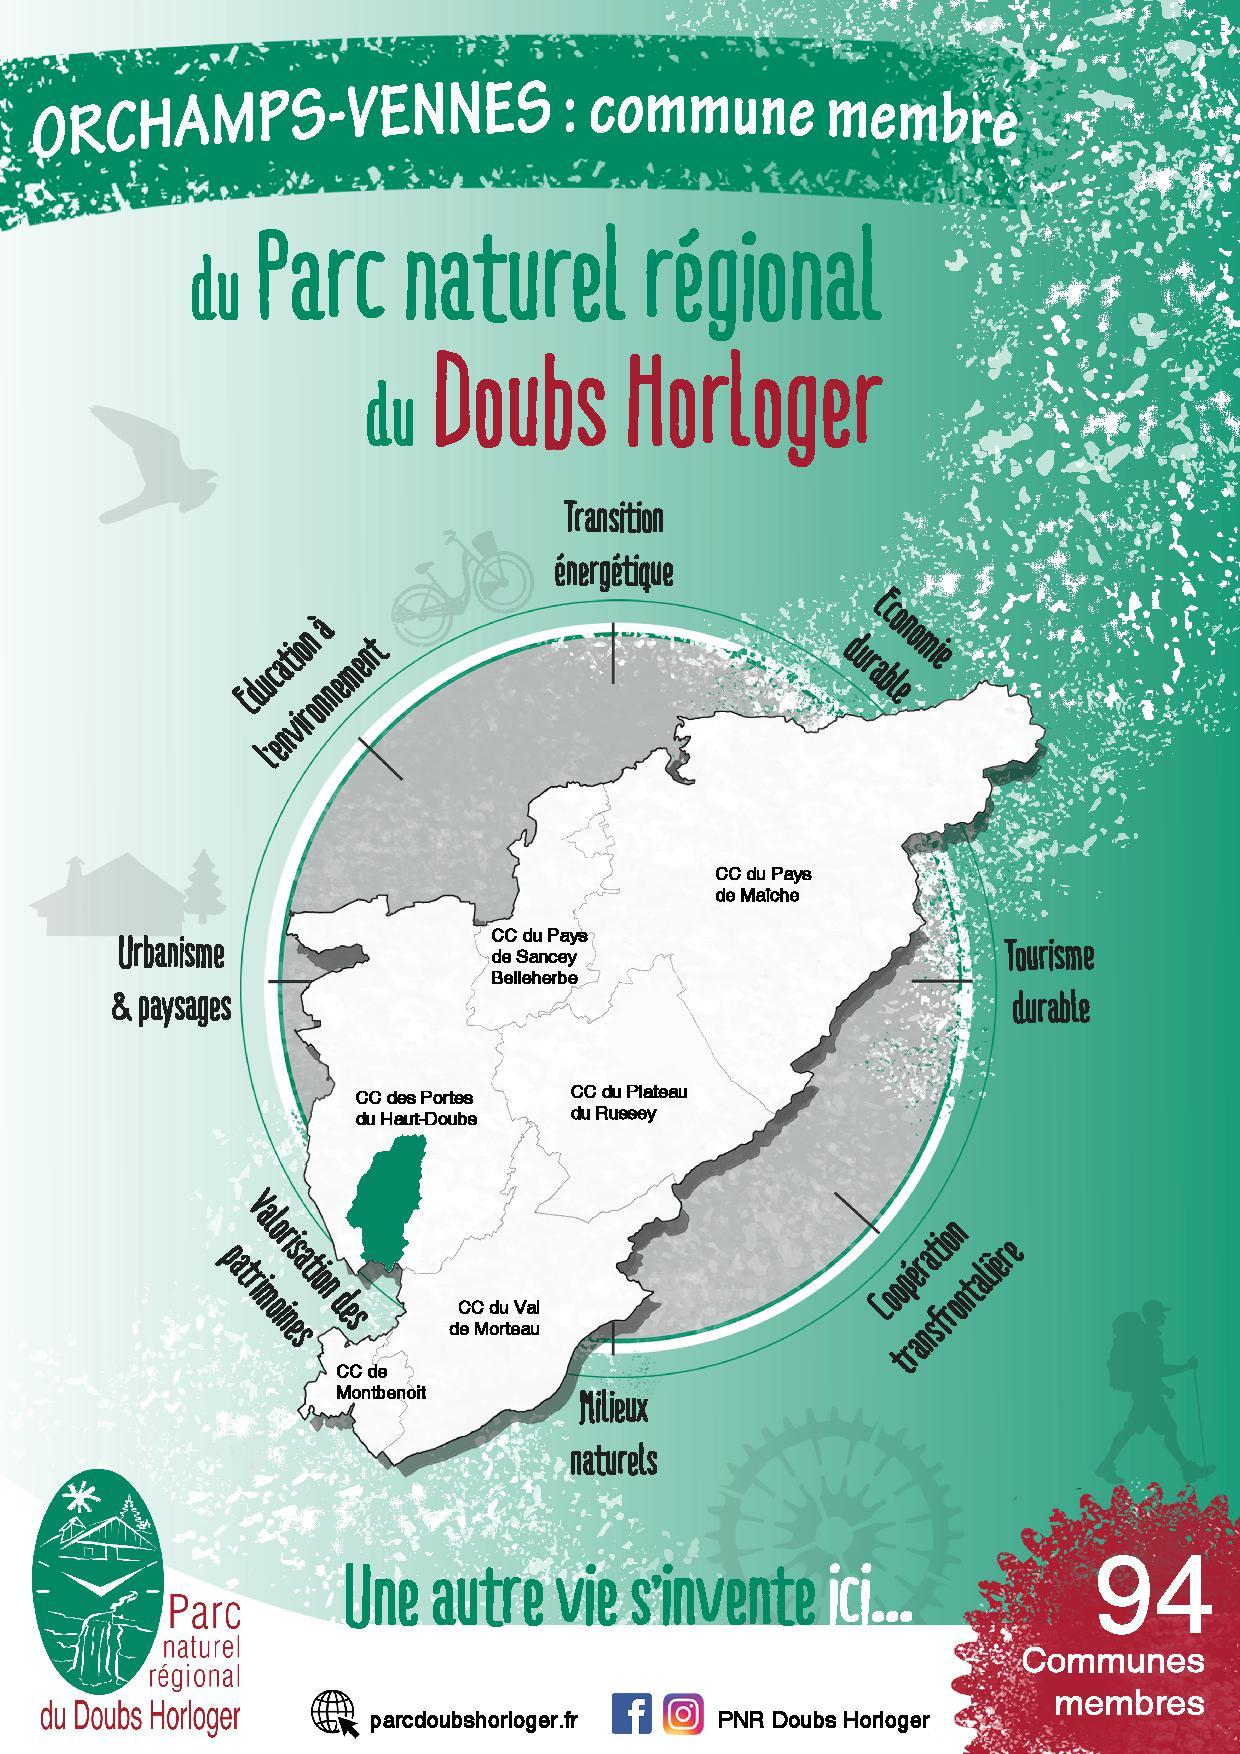 Image de couverture - Parc Naturel Régional du Doubs Horloger